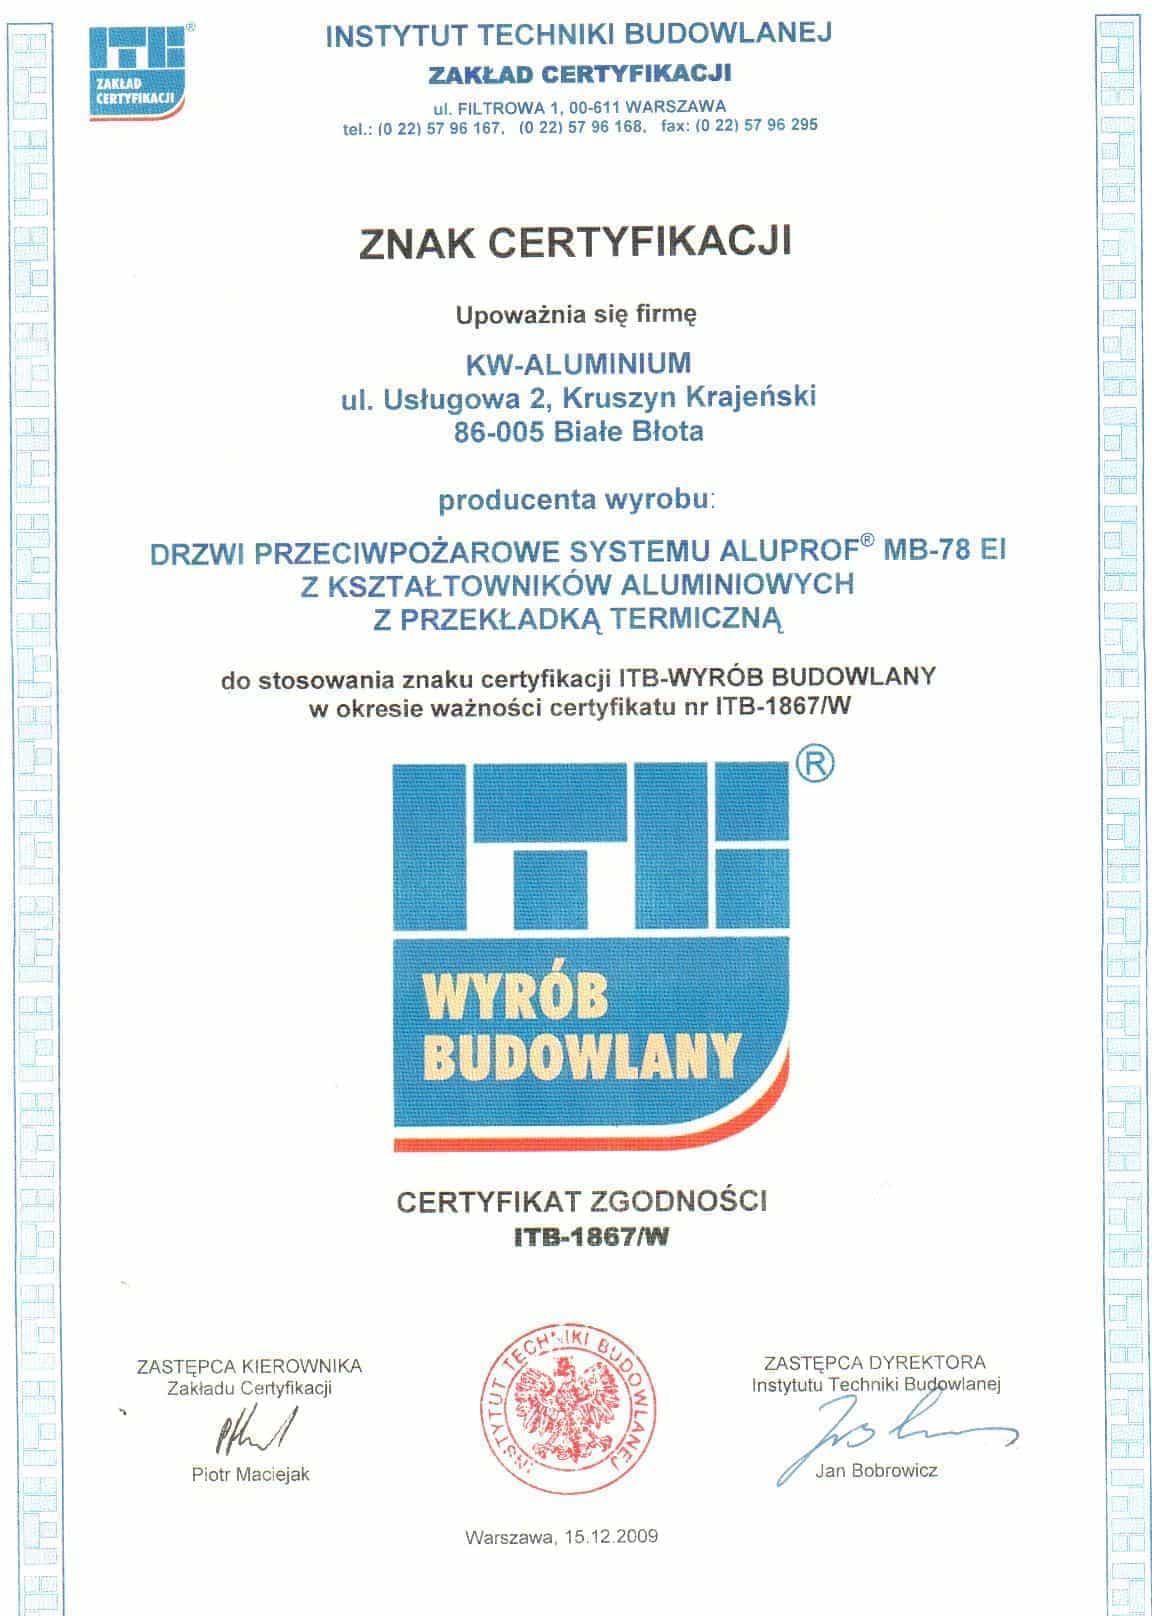 Instytut Techniki Budowlanej - Zakład Certyfikacji .